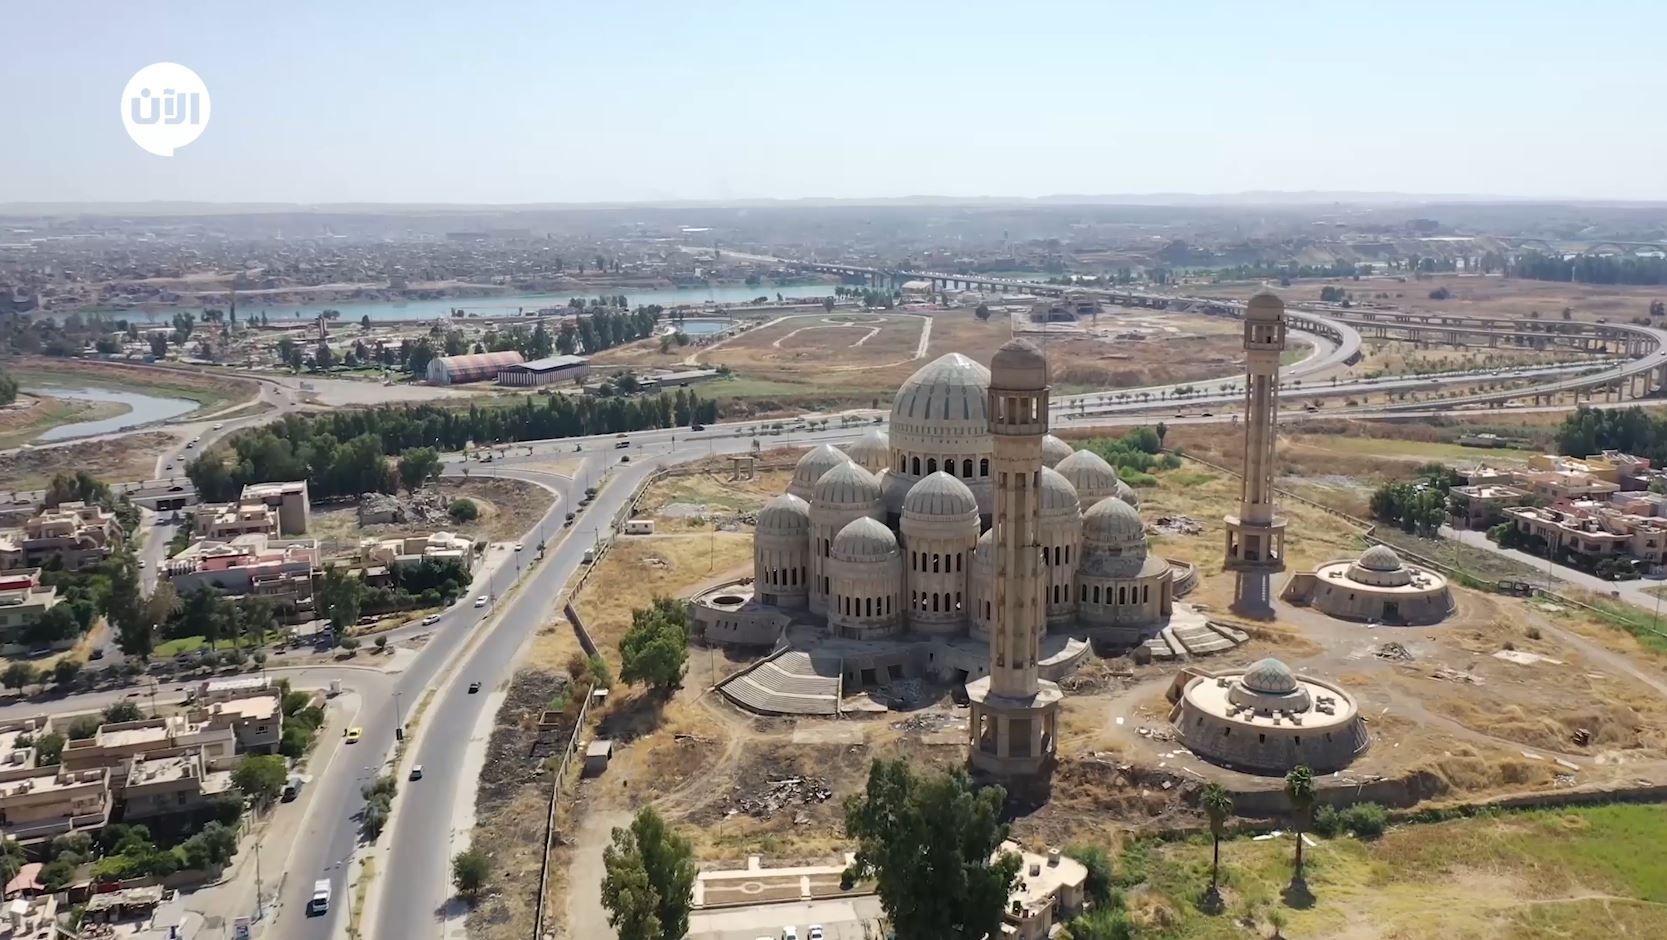 أهالي الموصل يتضامنون لإعادة إحياء المدينة بعد هزيمة داعش